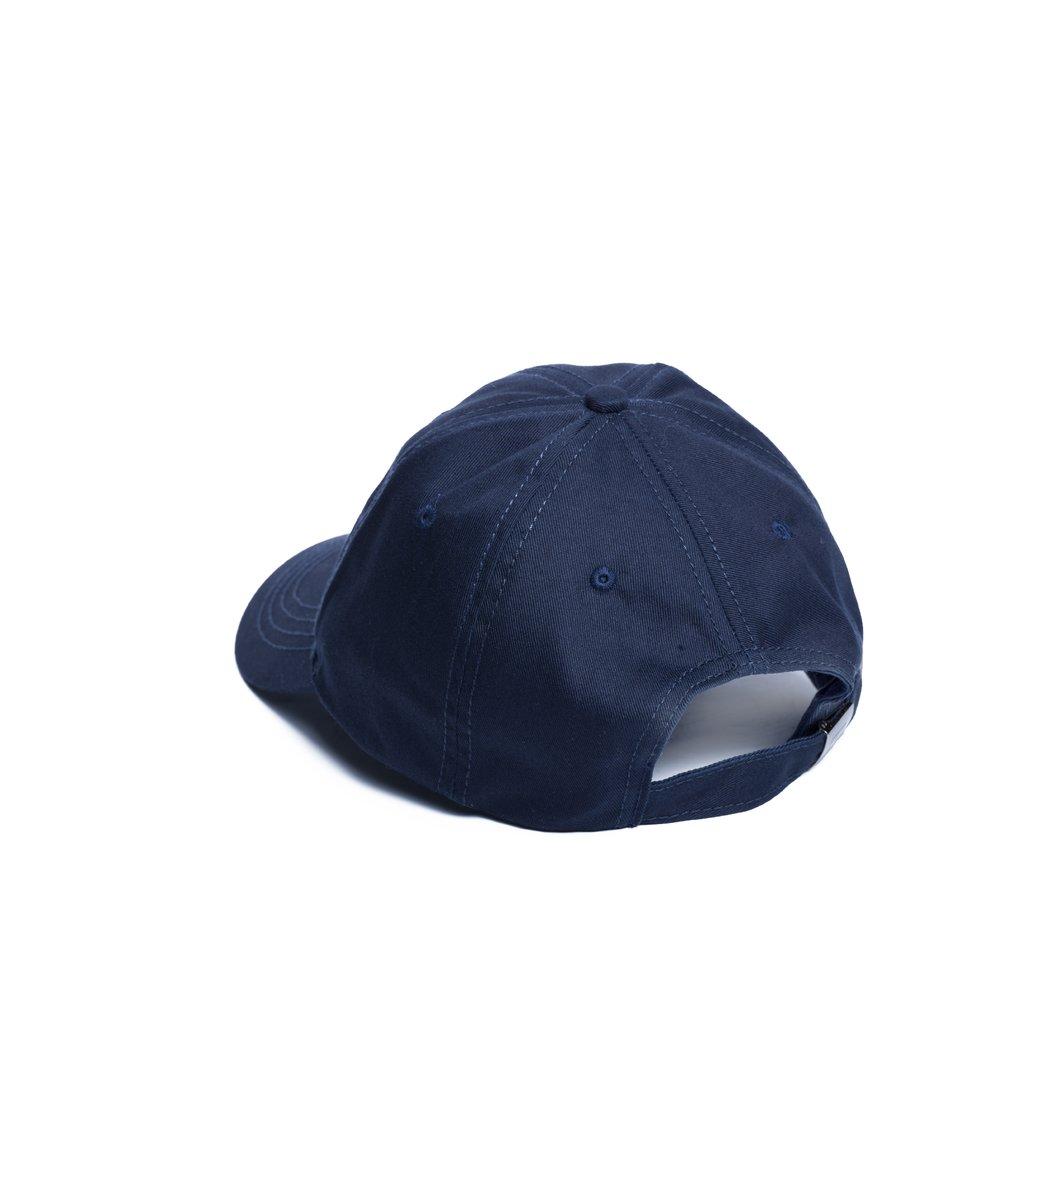 Кепка Tommy Hilfiger H1 Тёмно-синий